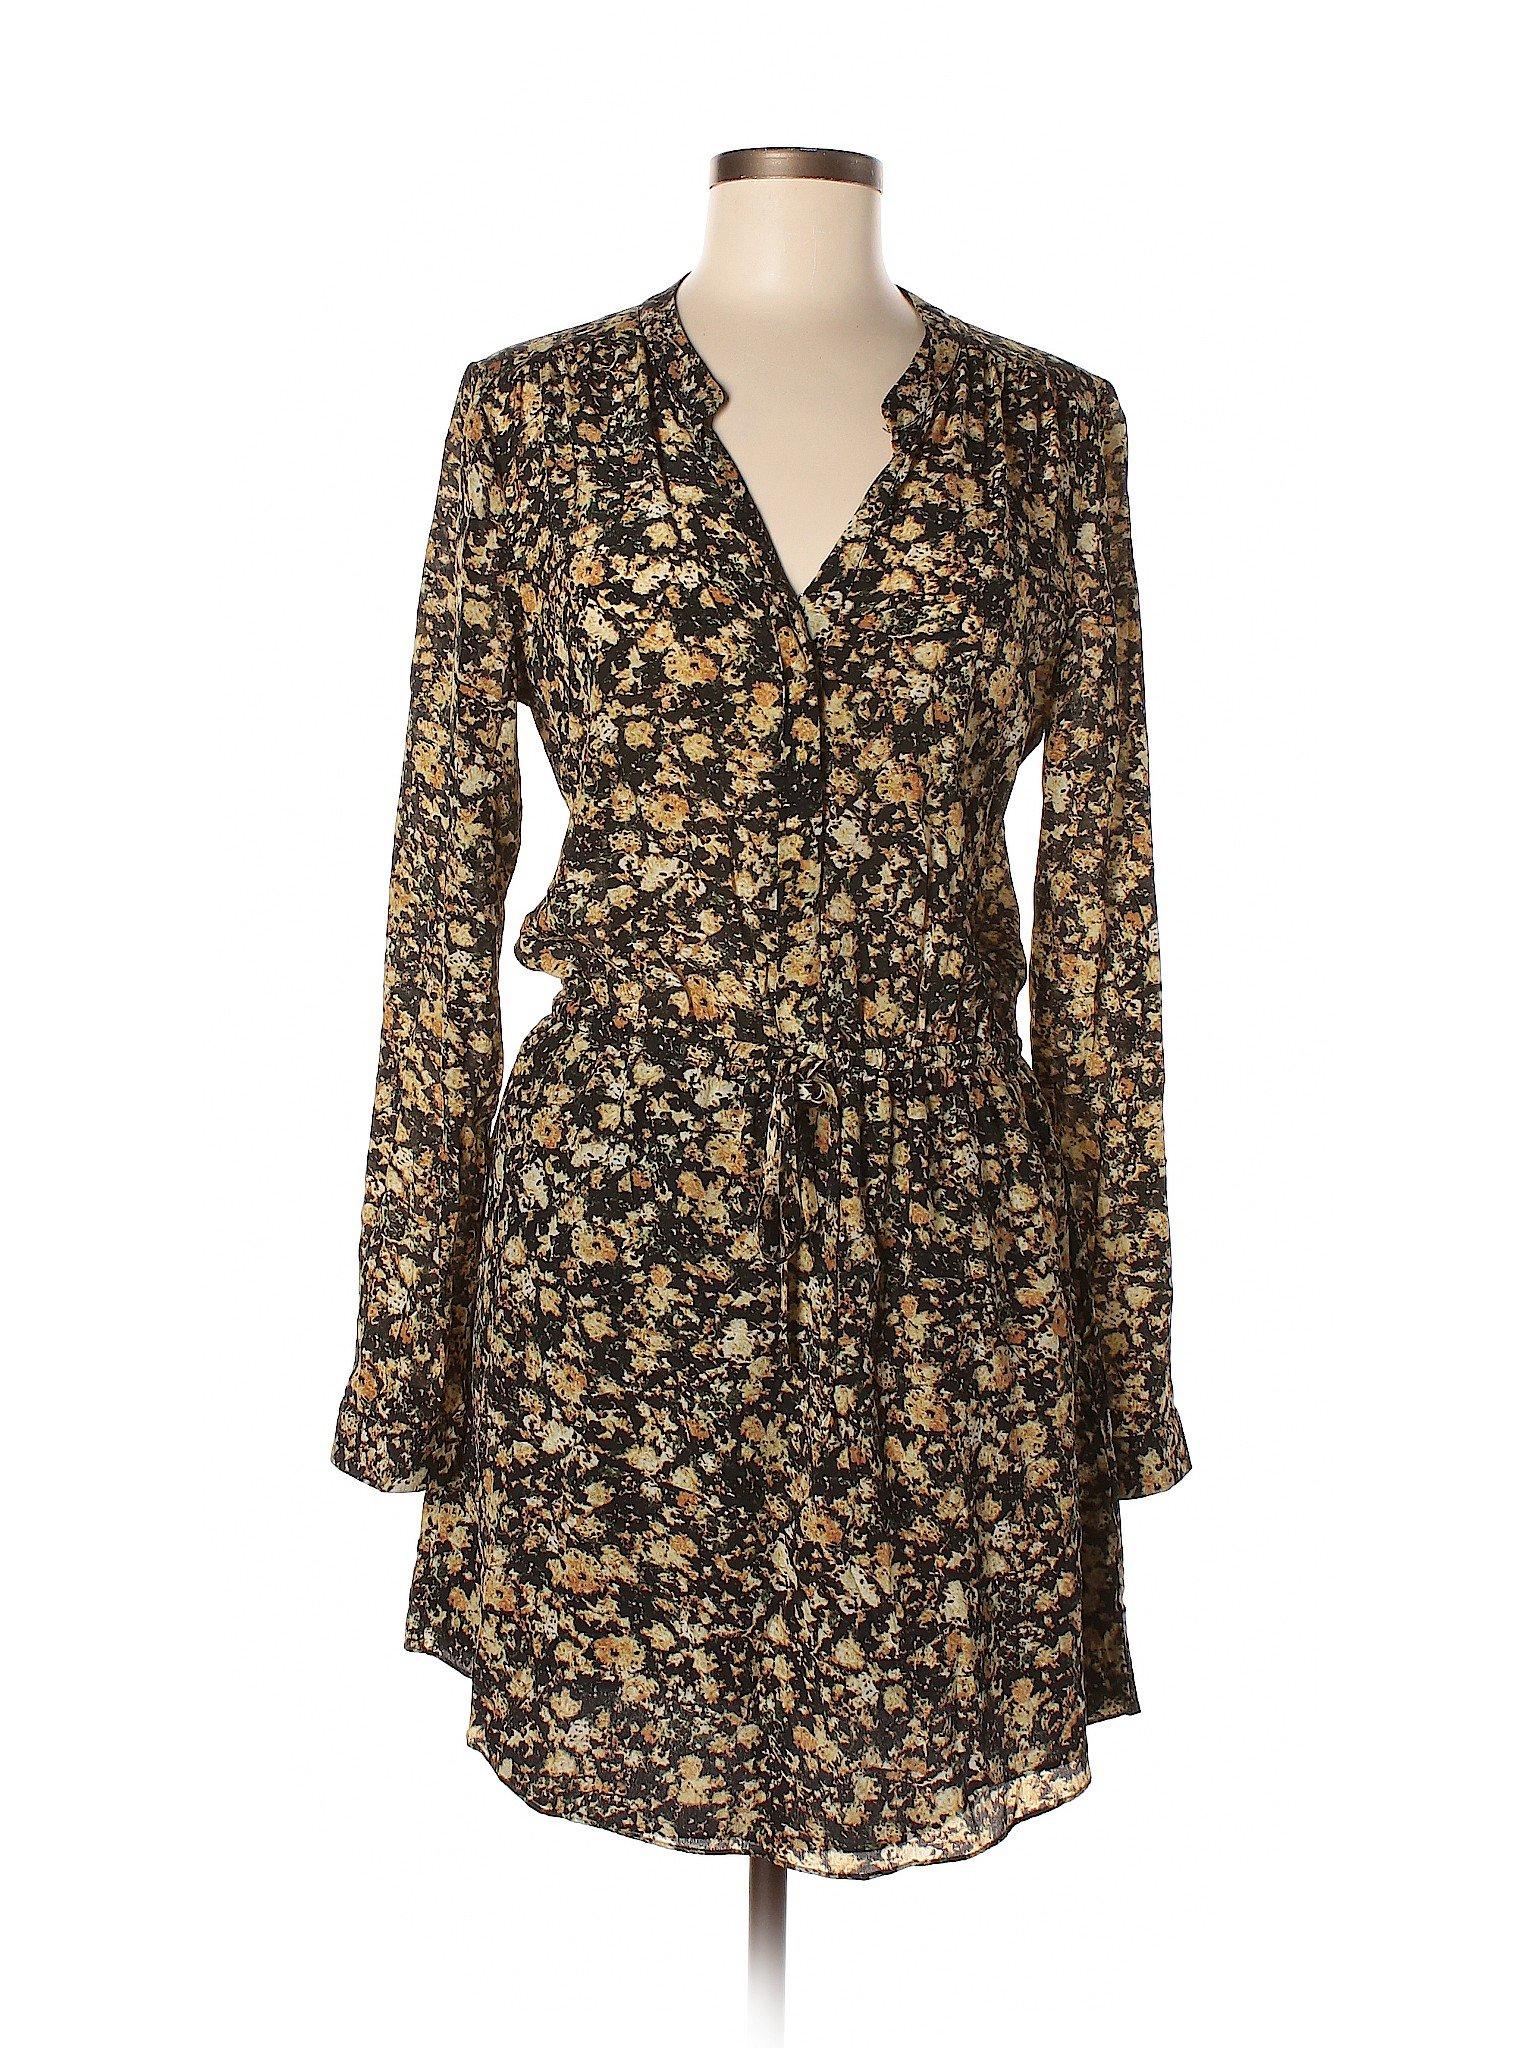 winter Boutique Boutique Dress Boutique Piperlime Dress Casual Piperlime Casual Boutique Dress Piperlime winter Casual winter qtvxnPWvr4